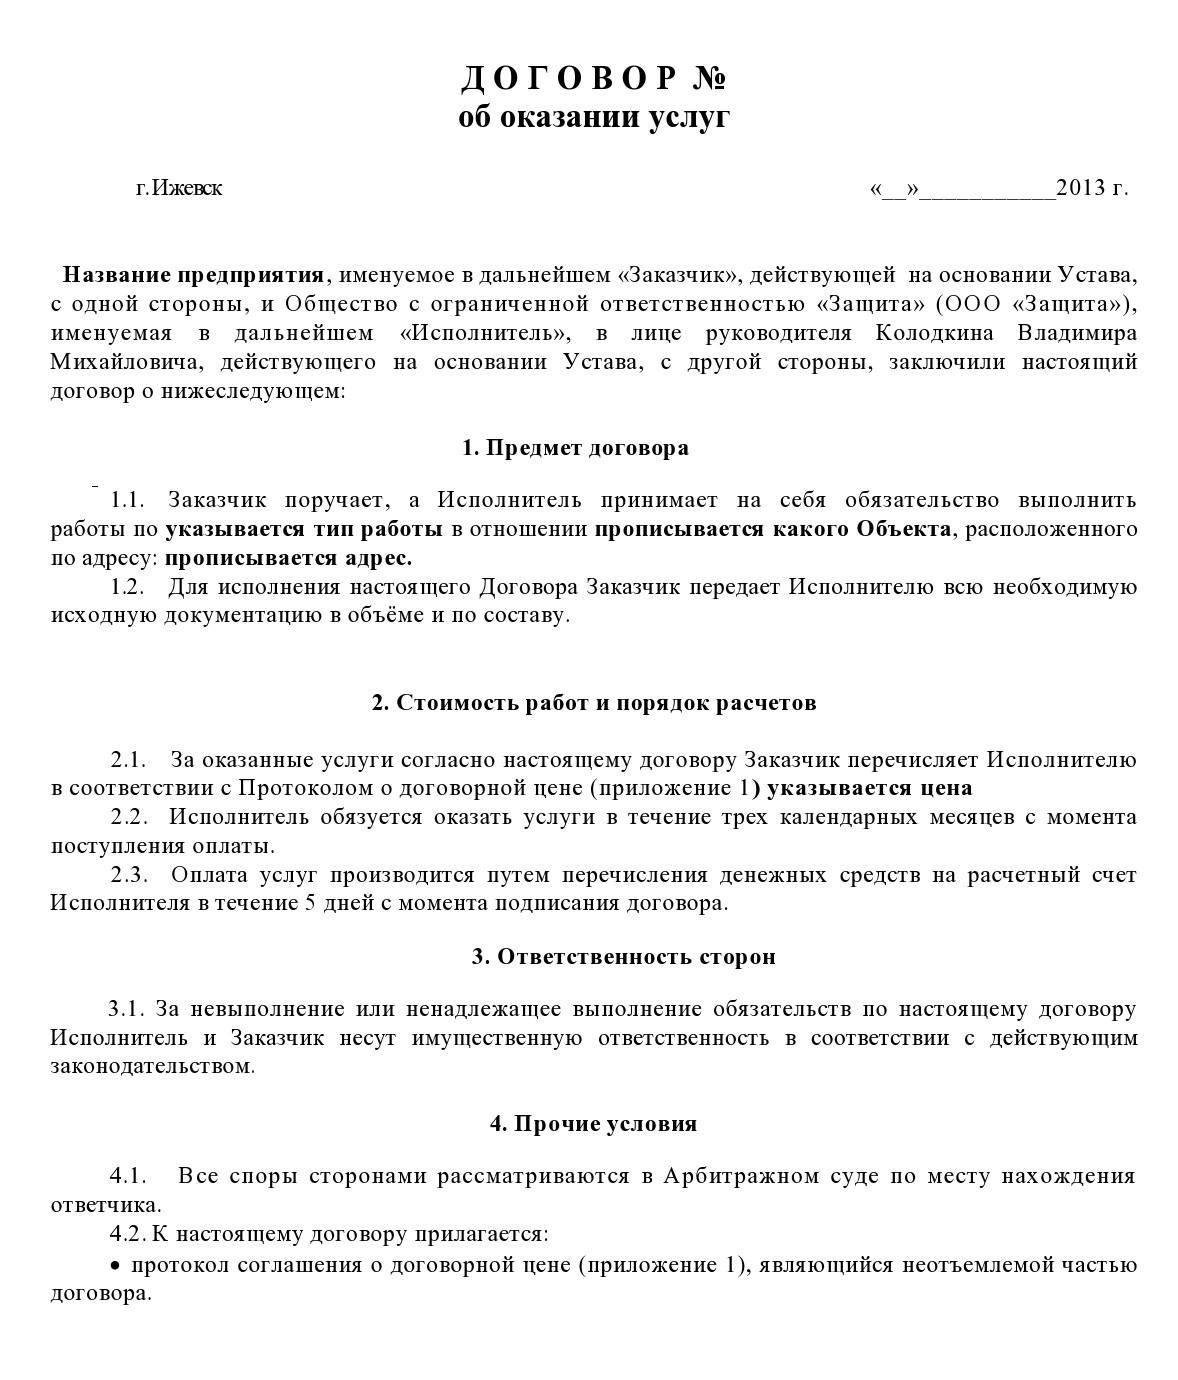 Образец договора об оказании услуг.